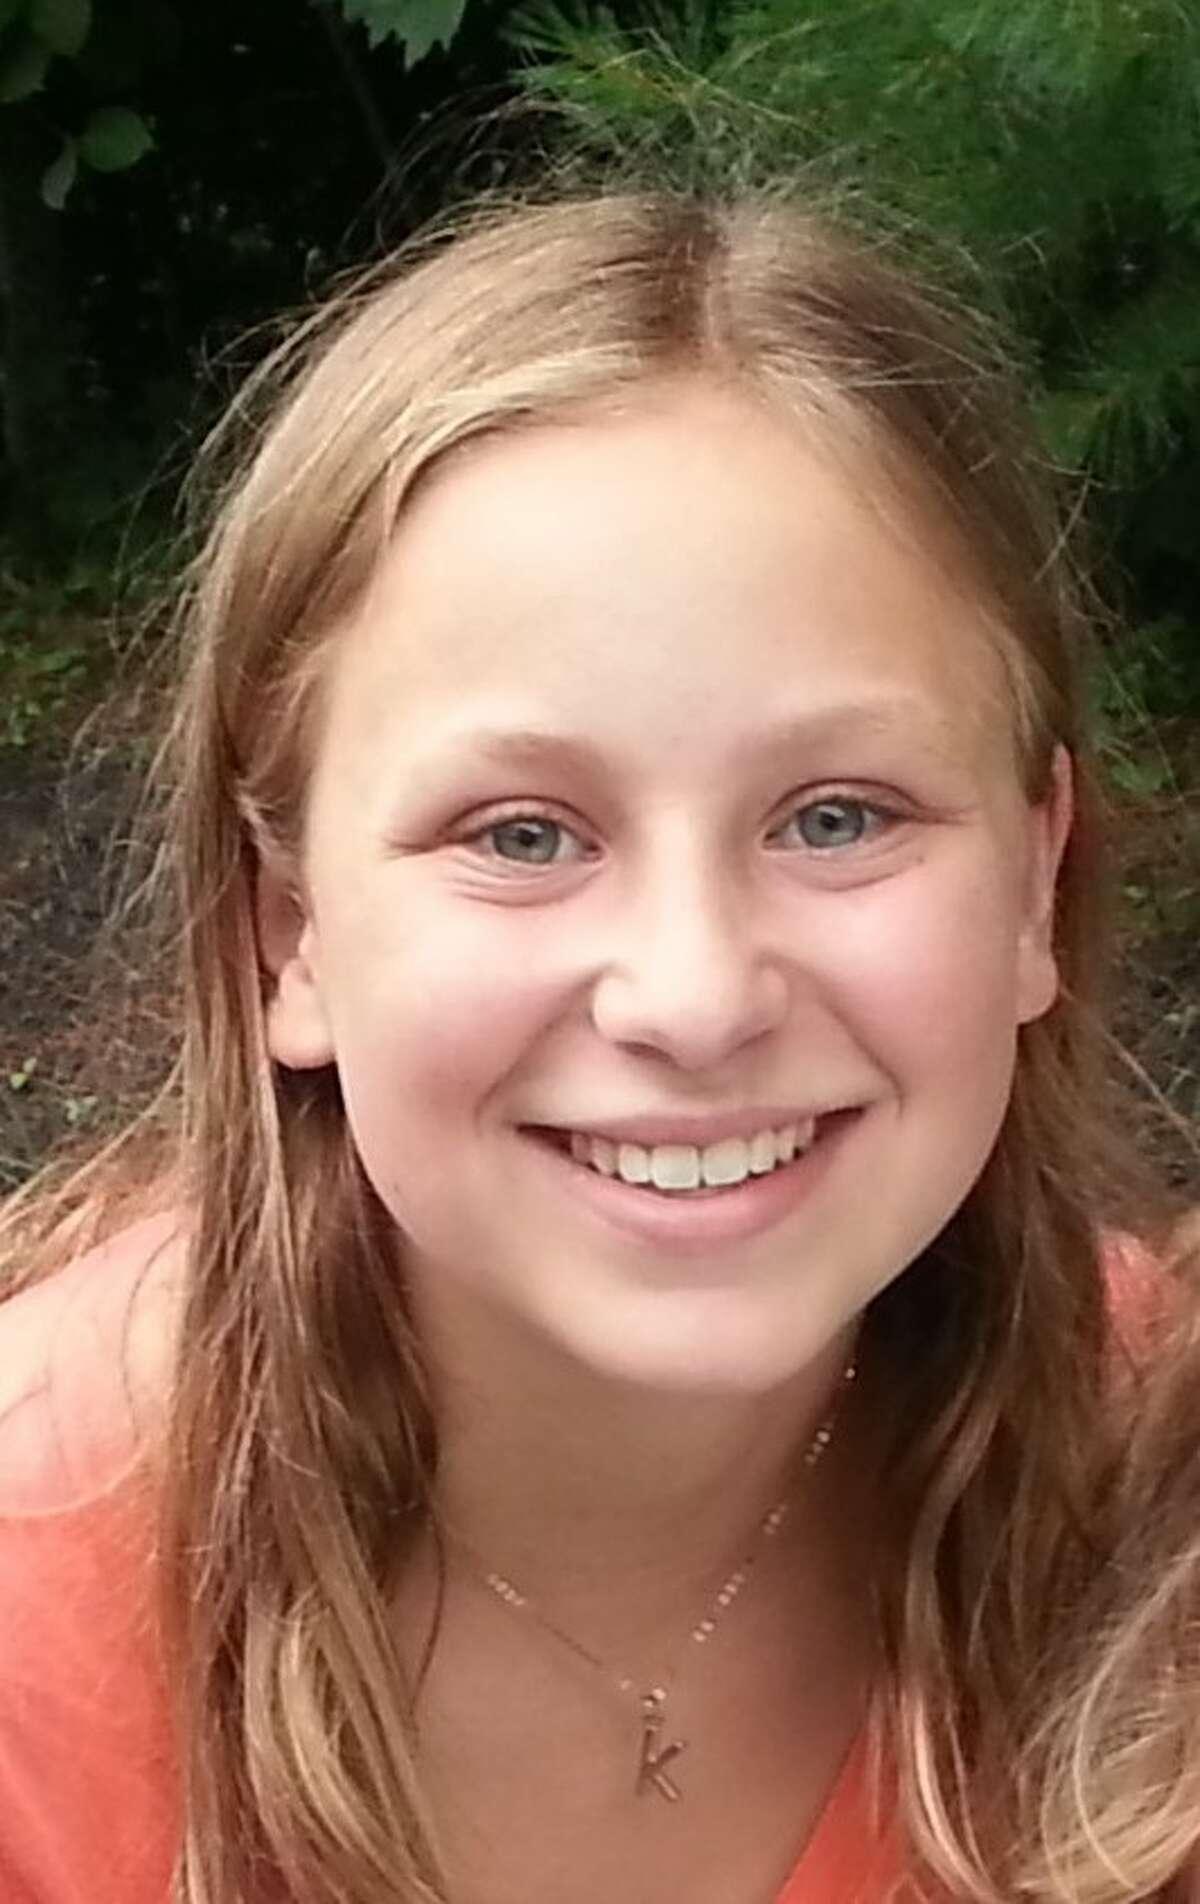 Kelsey Kittleson (Provided)